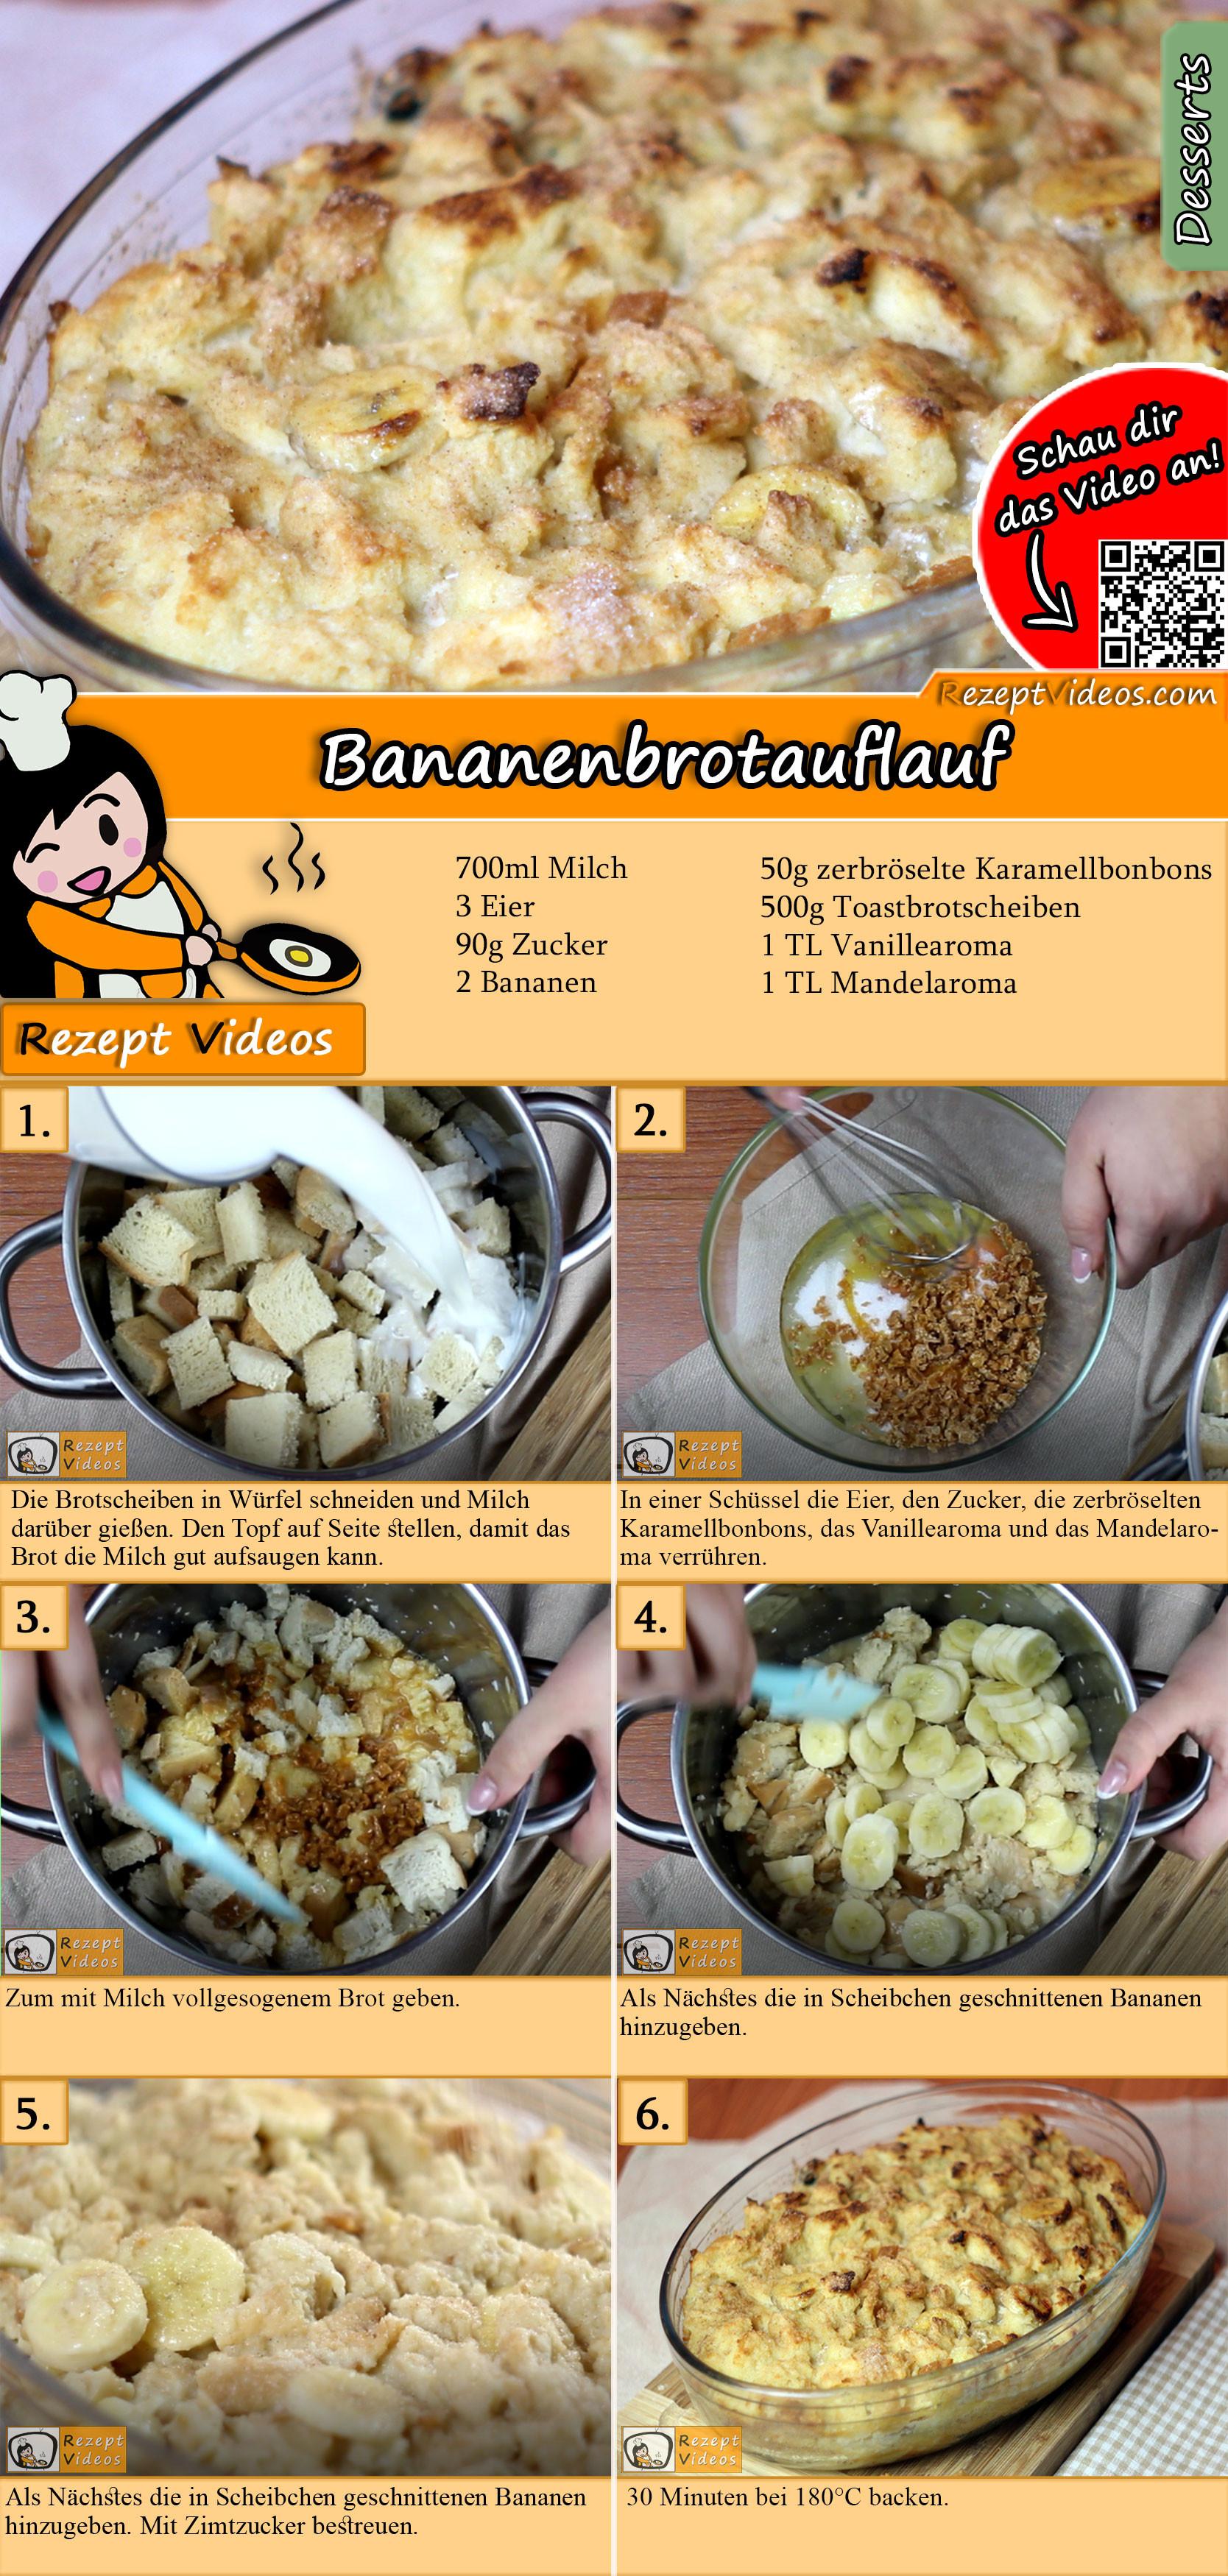 Bananenbrotauflauf Rezept mit Video